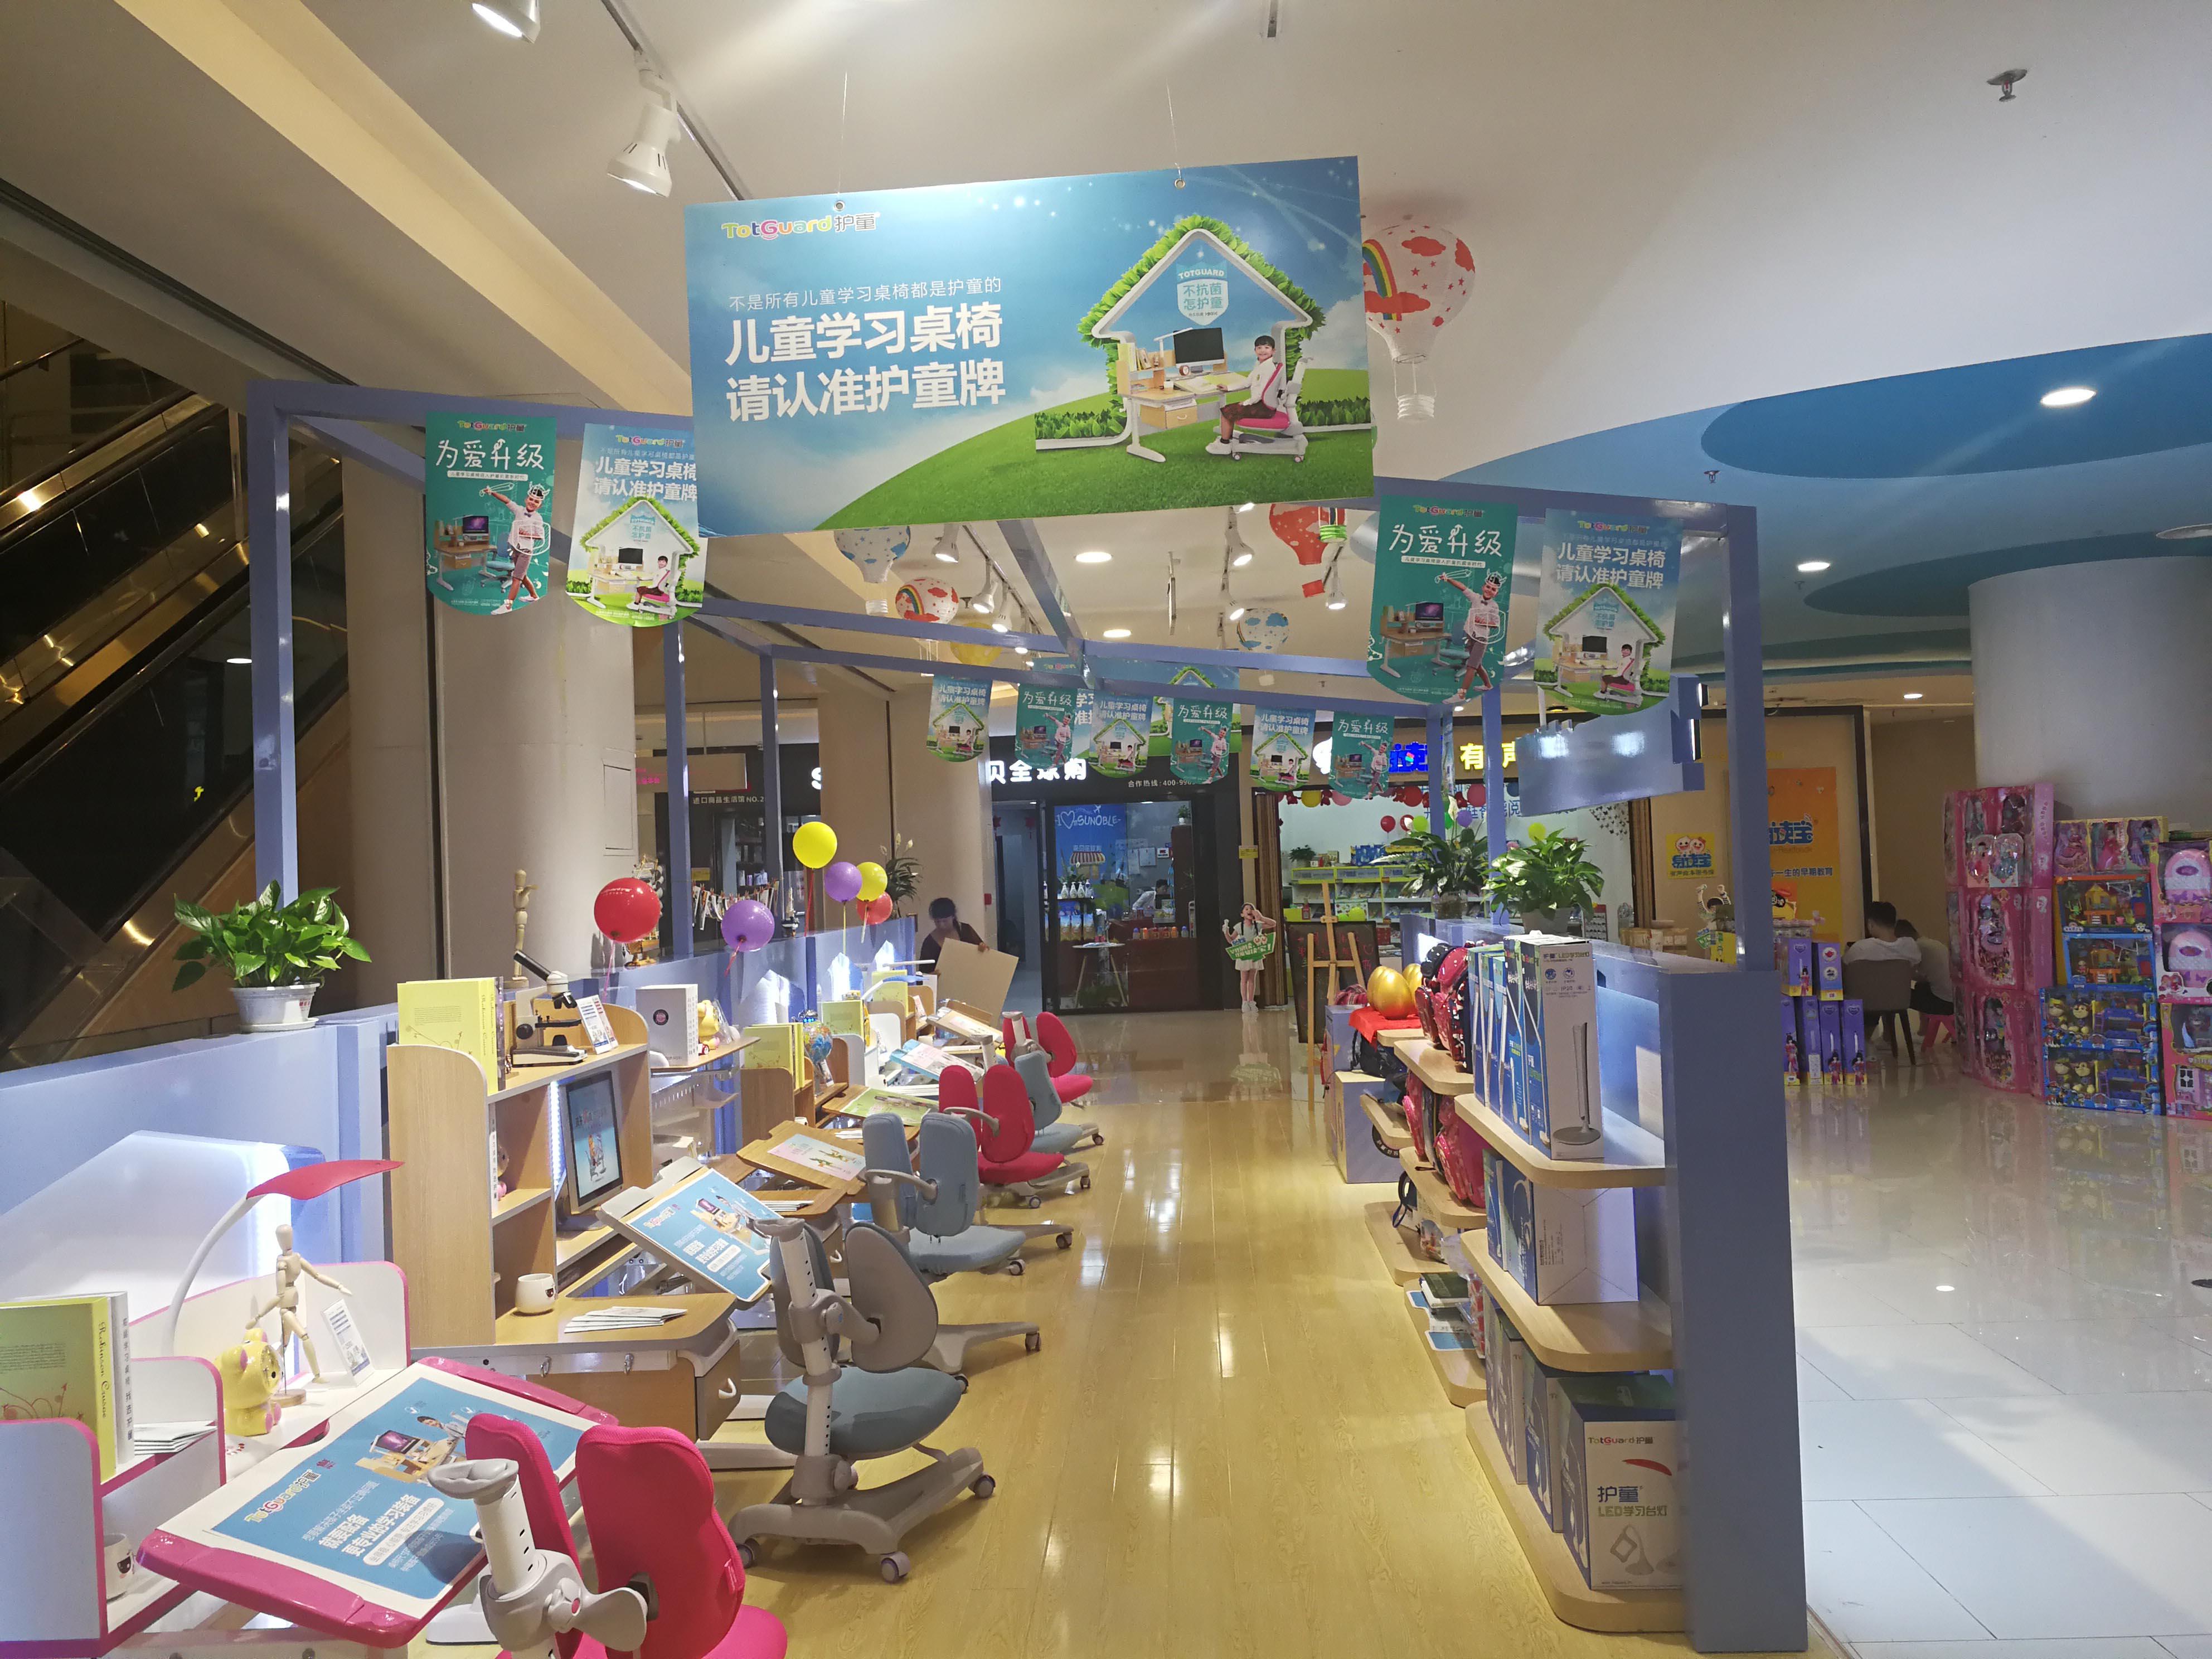 热烈祝贺护童第1384家株洲银泰财富广场专柜盛大开业!